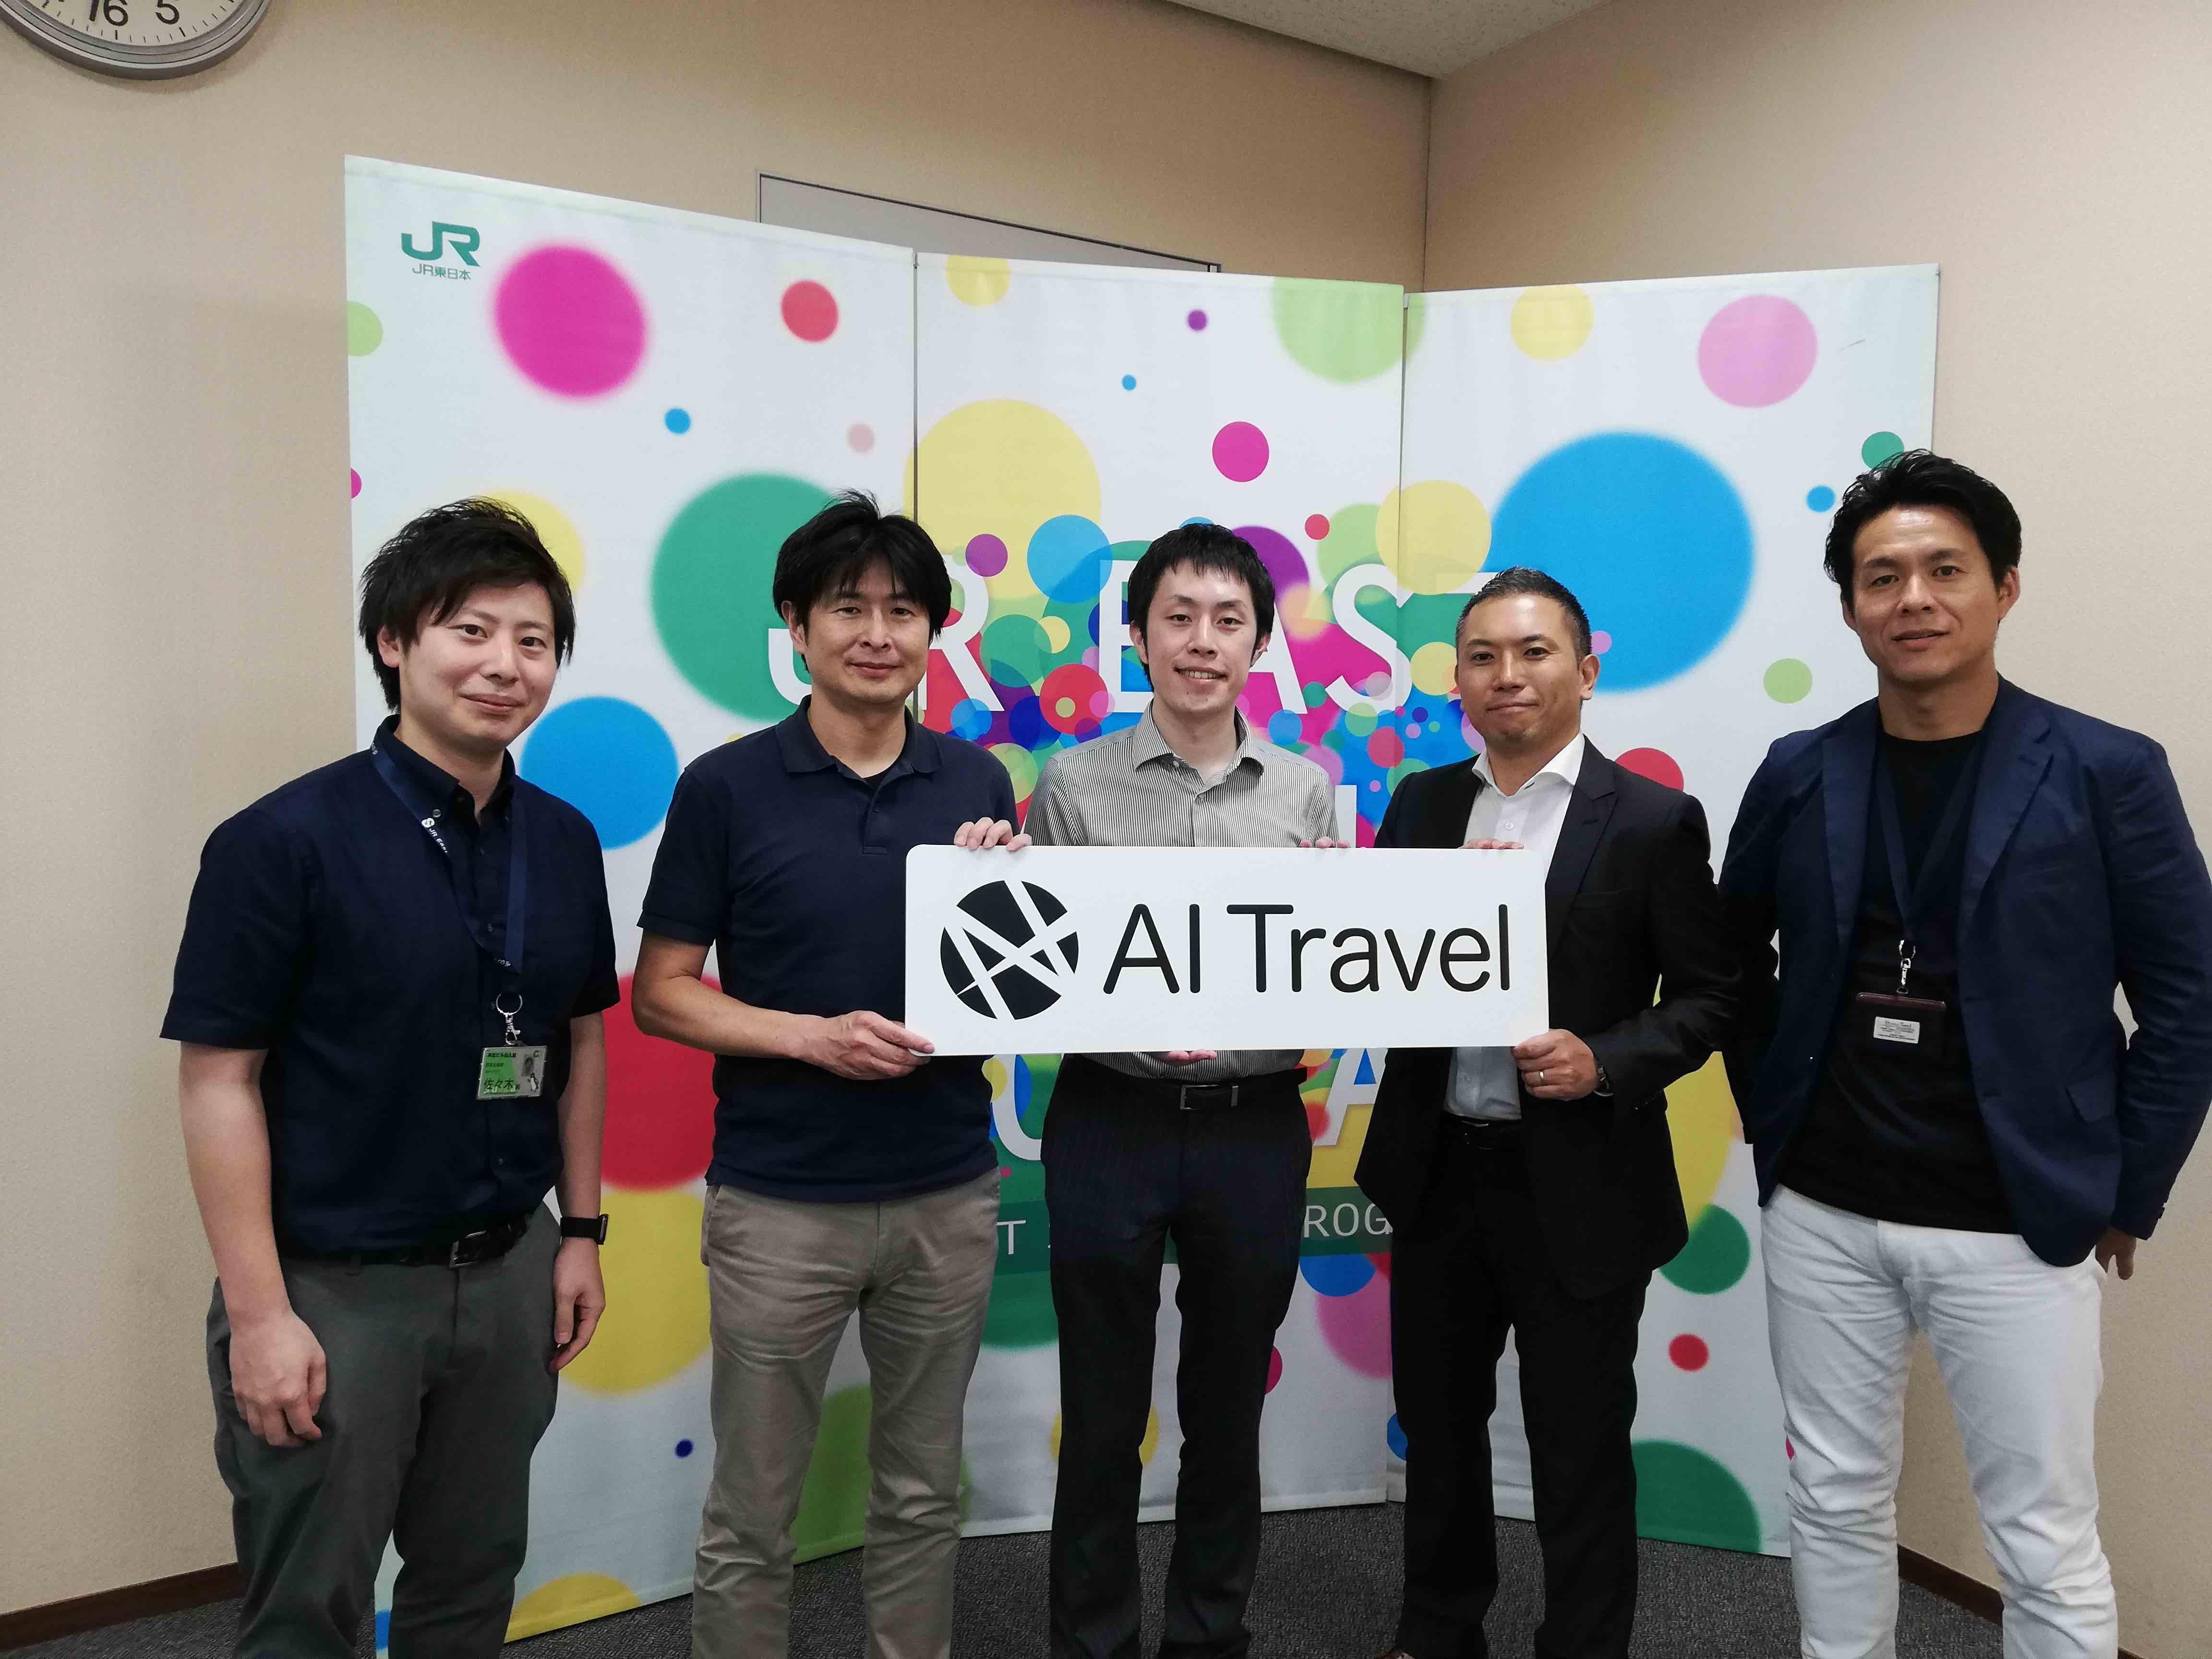 JR東日本スタートアップ、出張手配・管理サービスのAIトラベルと資本業務提携